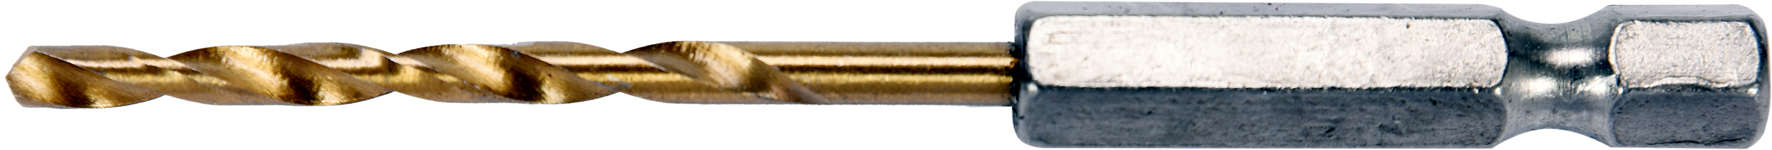 Burghiu HSS-TiN 3.0mm (1/4 HEX)